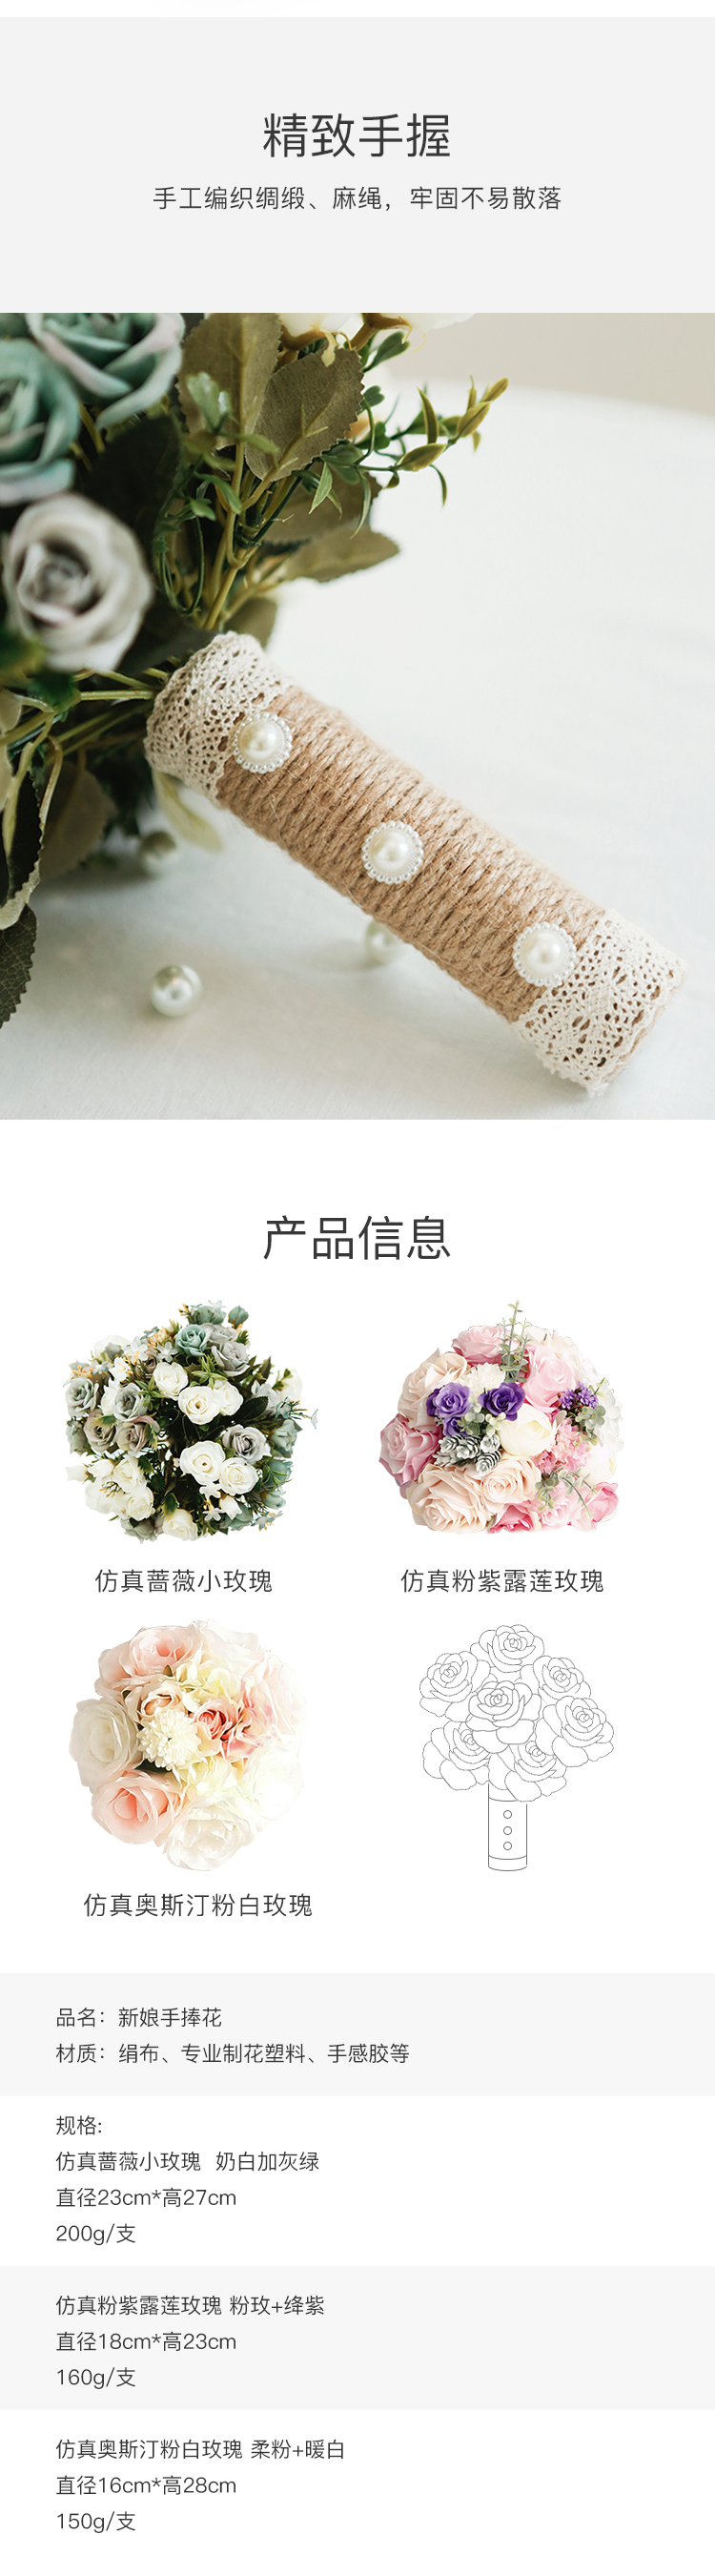 森系仿真玫瑰新娘手捧花